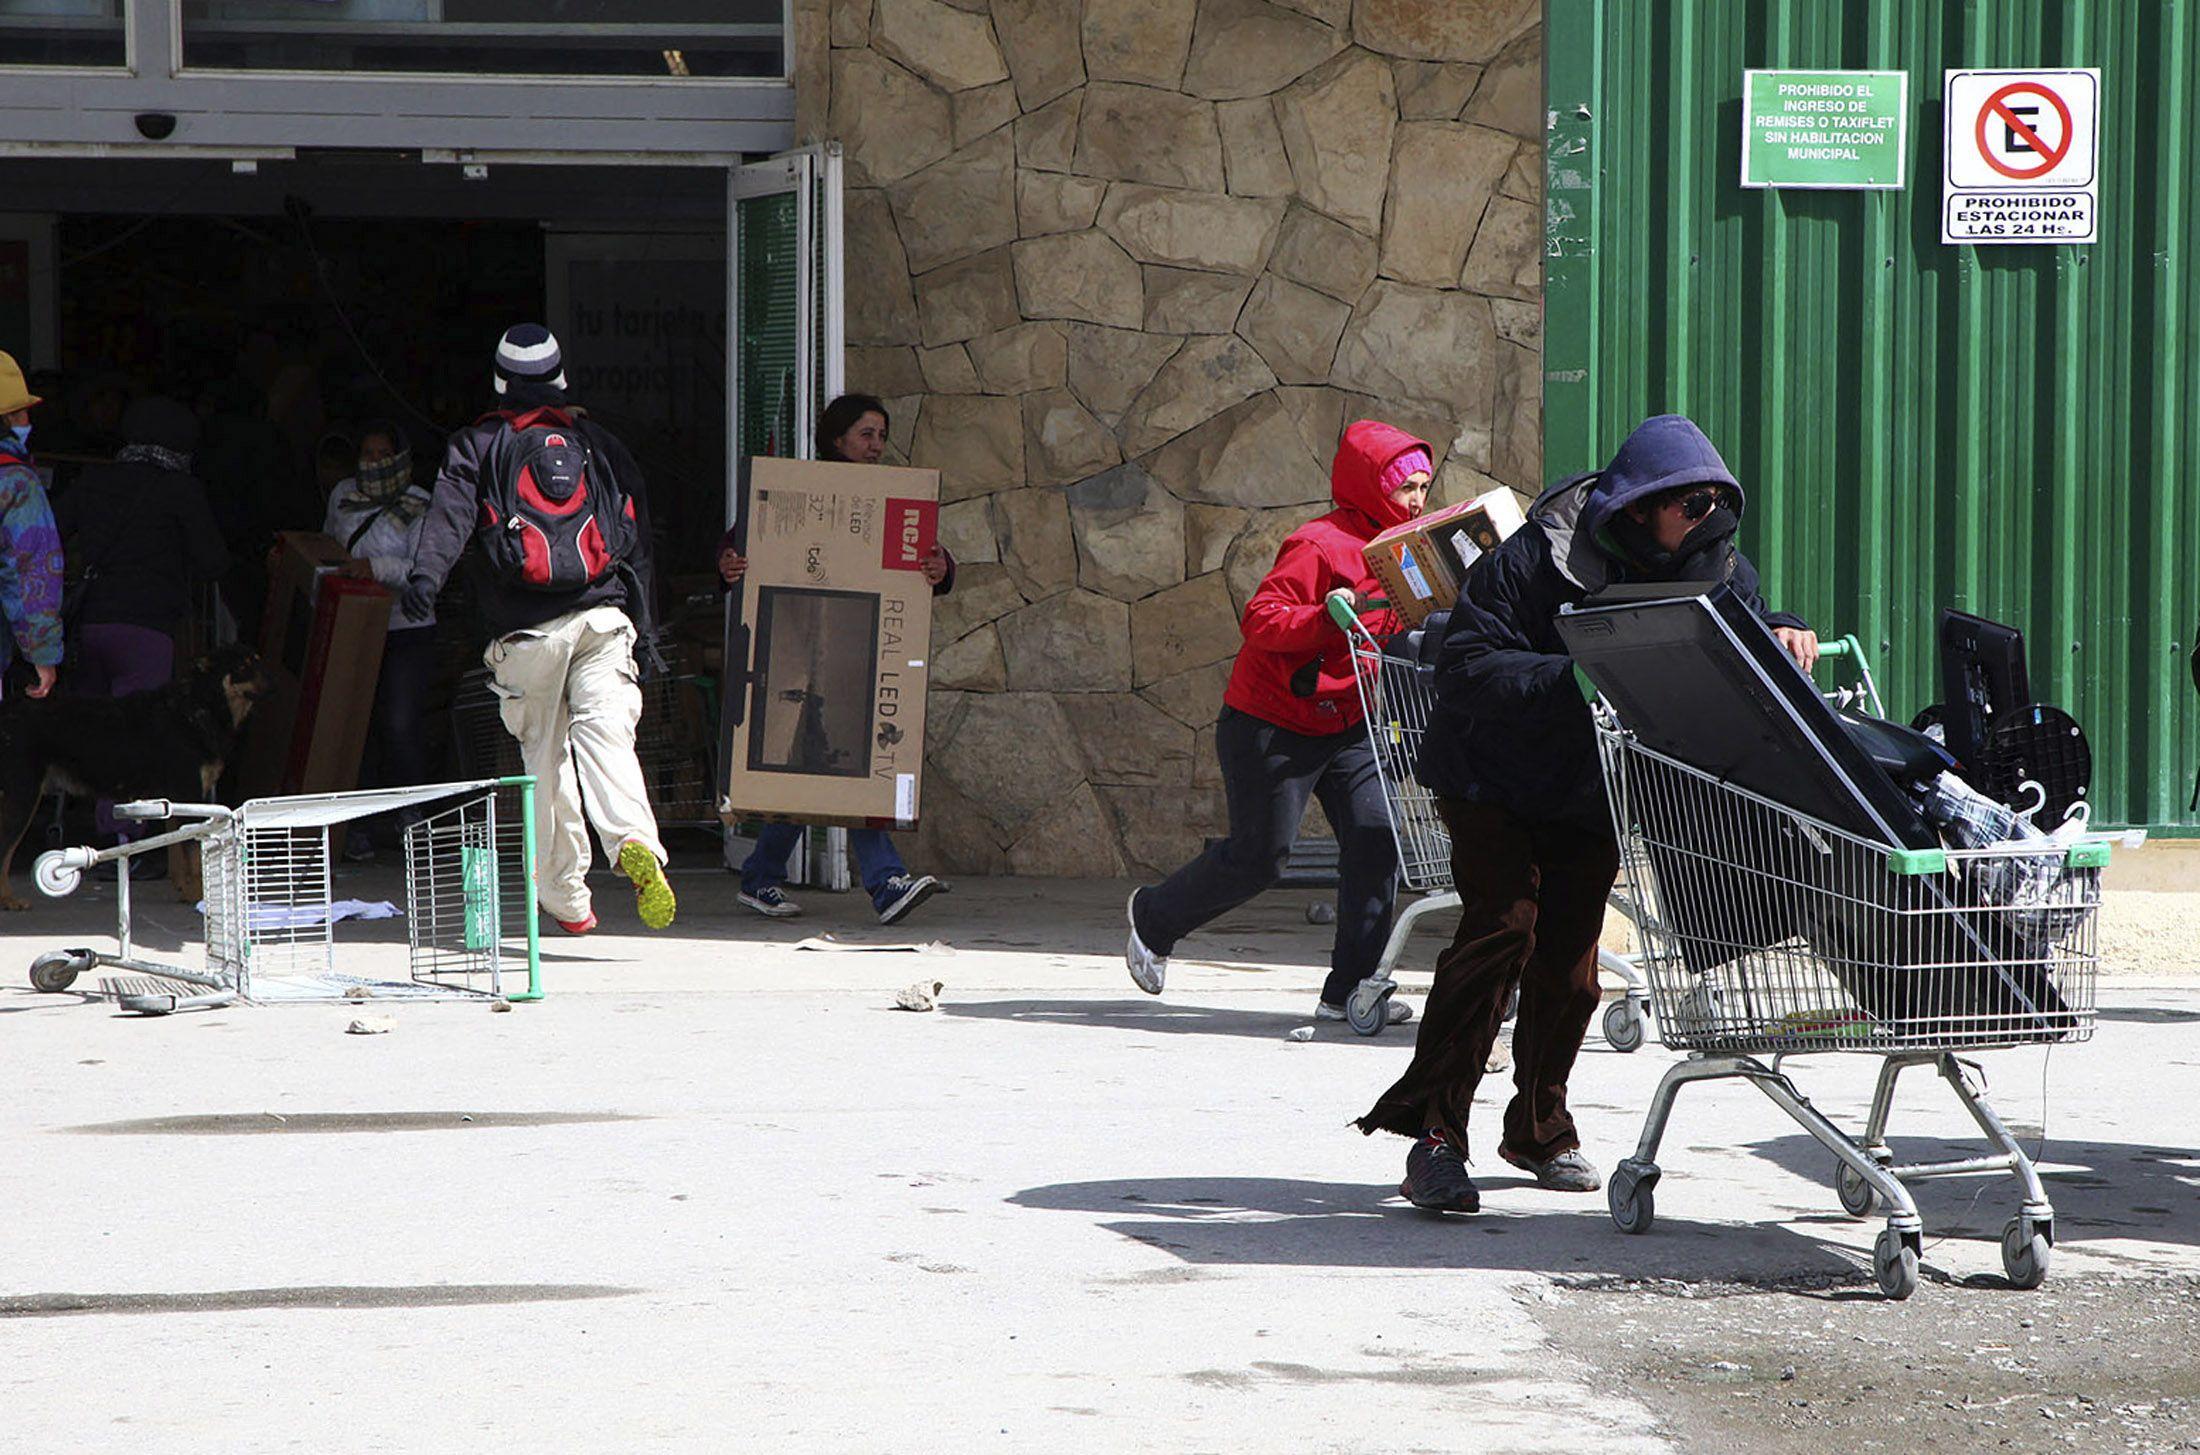 Vecinos de barrios humildes de la ciudad de Bariloche entraron a saquear en dos supermercados y atacaron a policías.